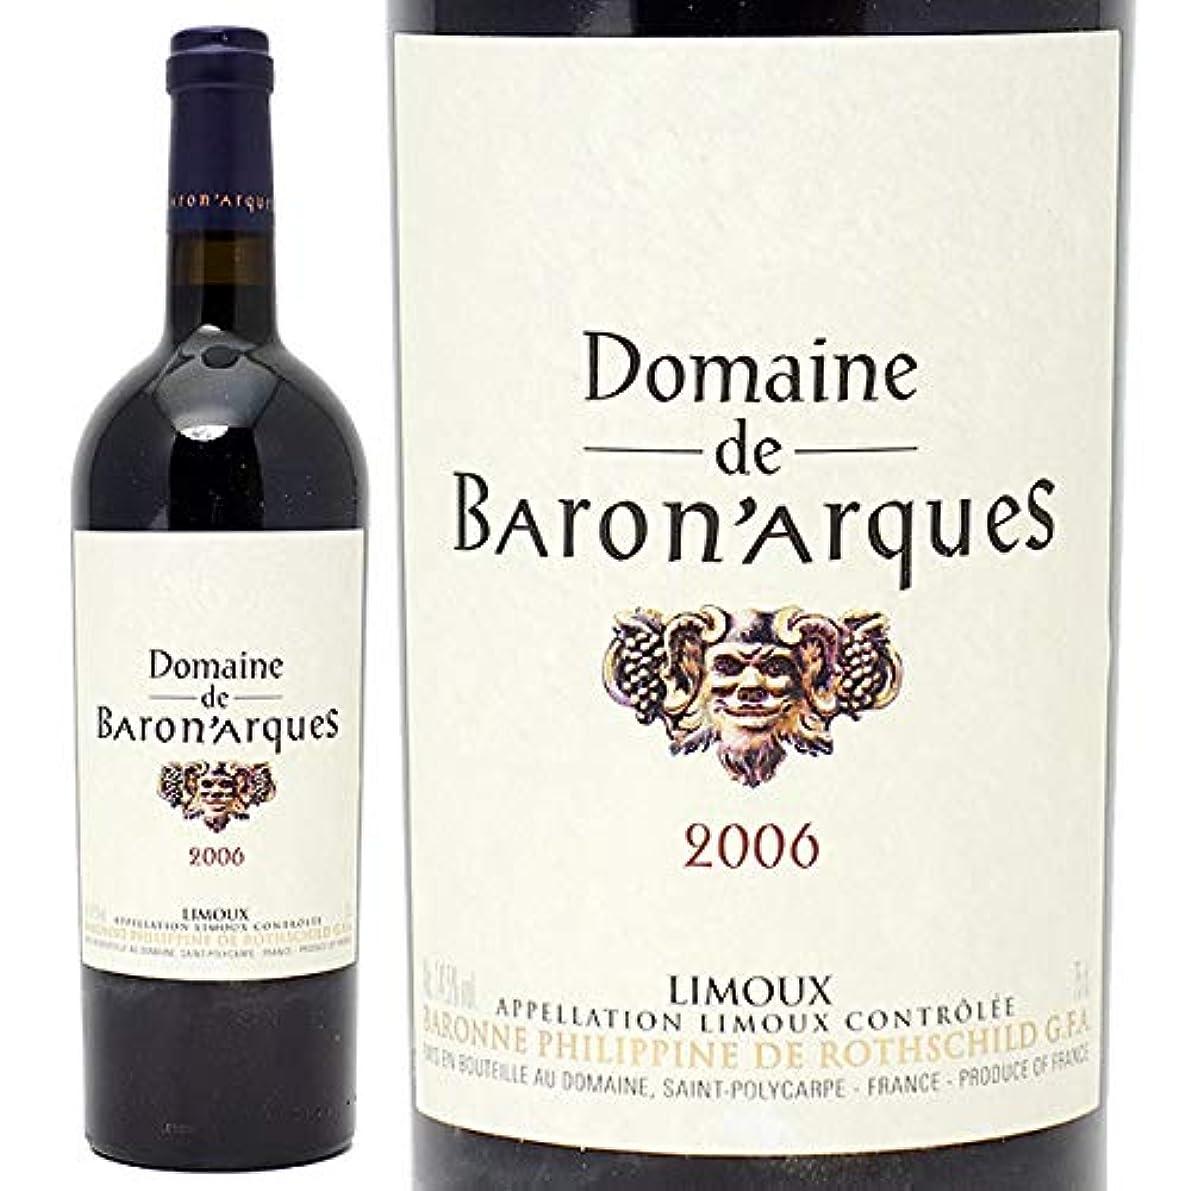 スナックもっと少なく我慢する2006 ドメーヌ ド バロナーク 750ml リムー 赤ワイン コク辛口 ワイン ((D0MRBQA6))